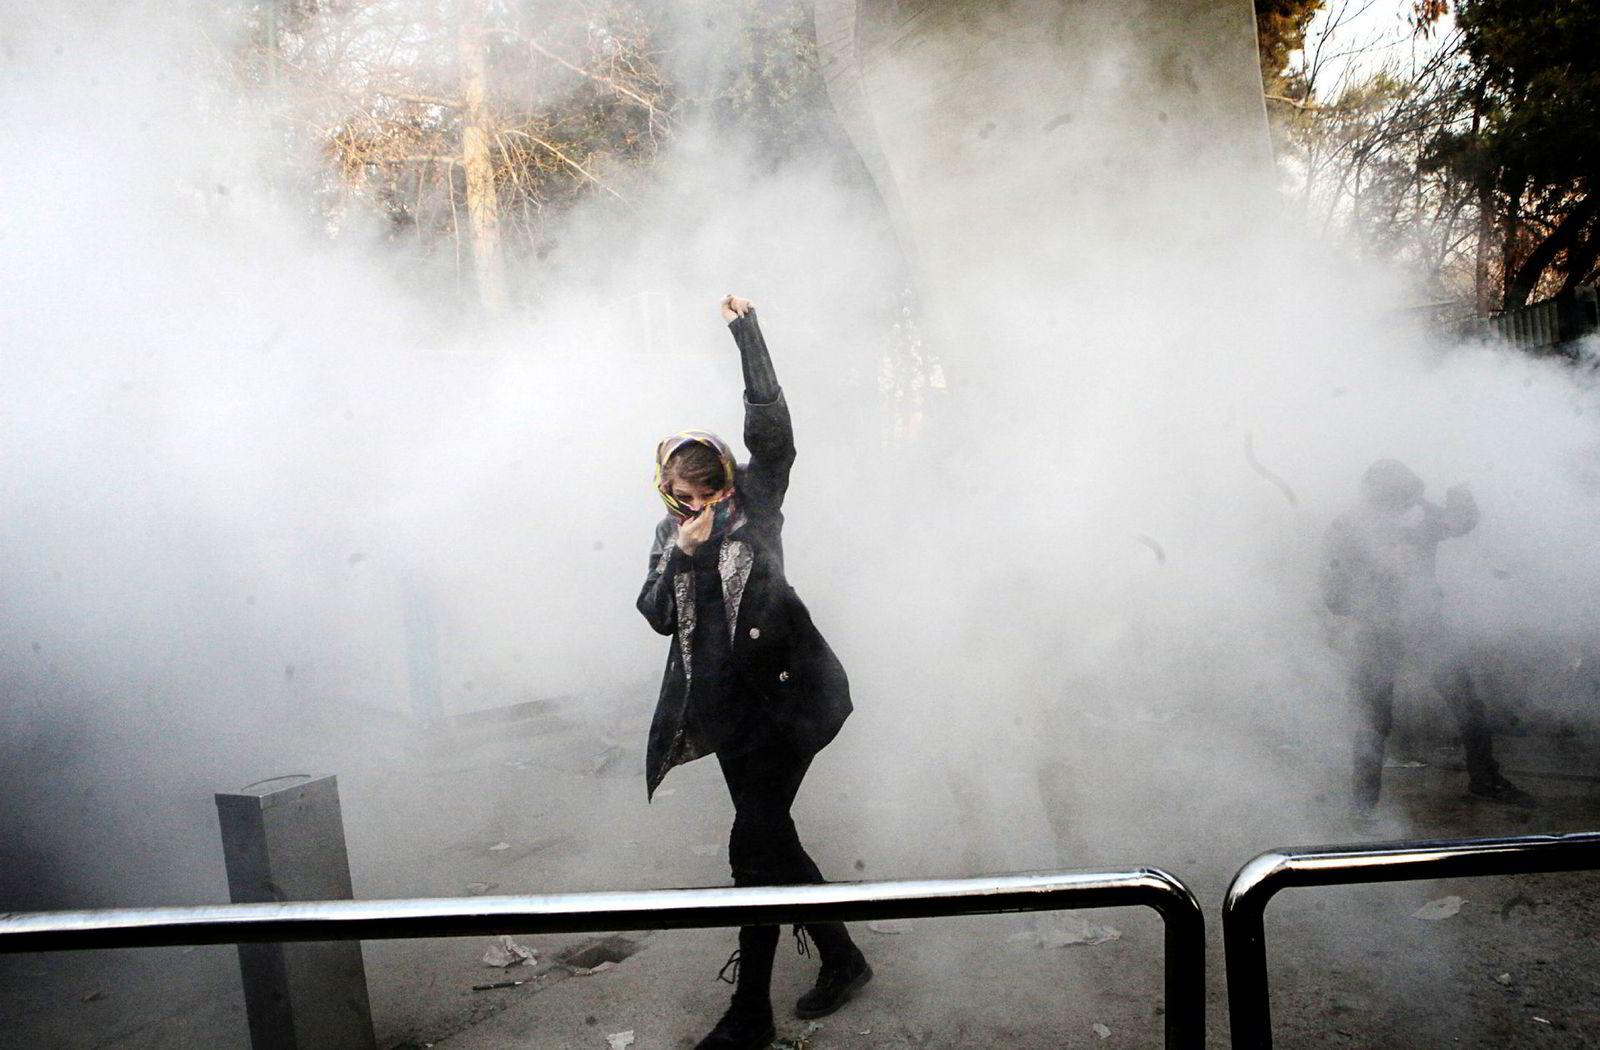 En iransk kvinne hever armen i røyken fra tåregassen ved universitetet i Teheran under demonstrasjonene sist lørdag, som var den tredje dagen på rad med protester.